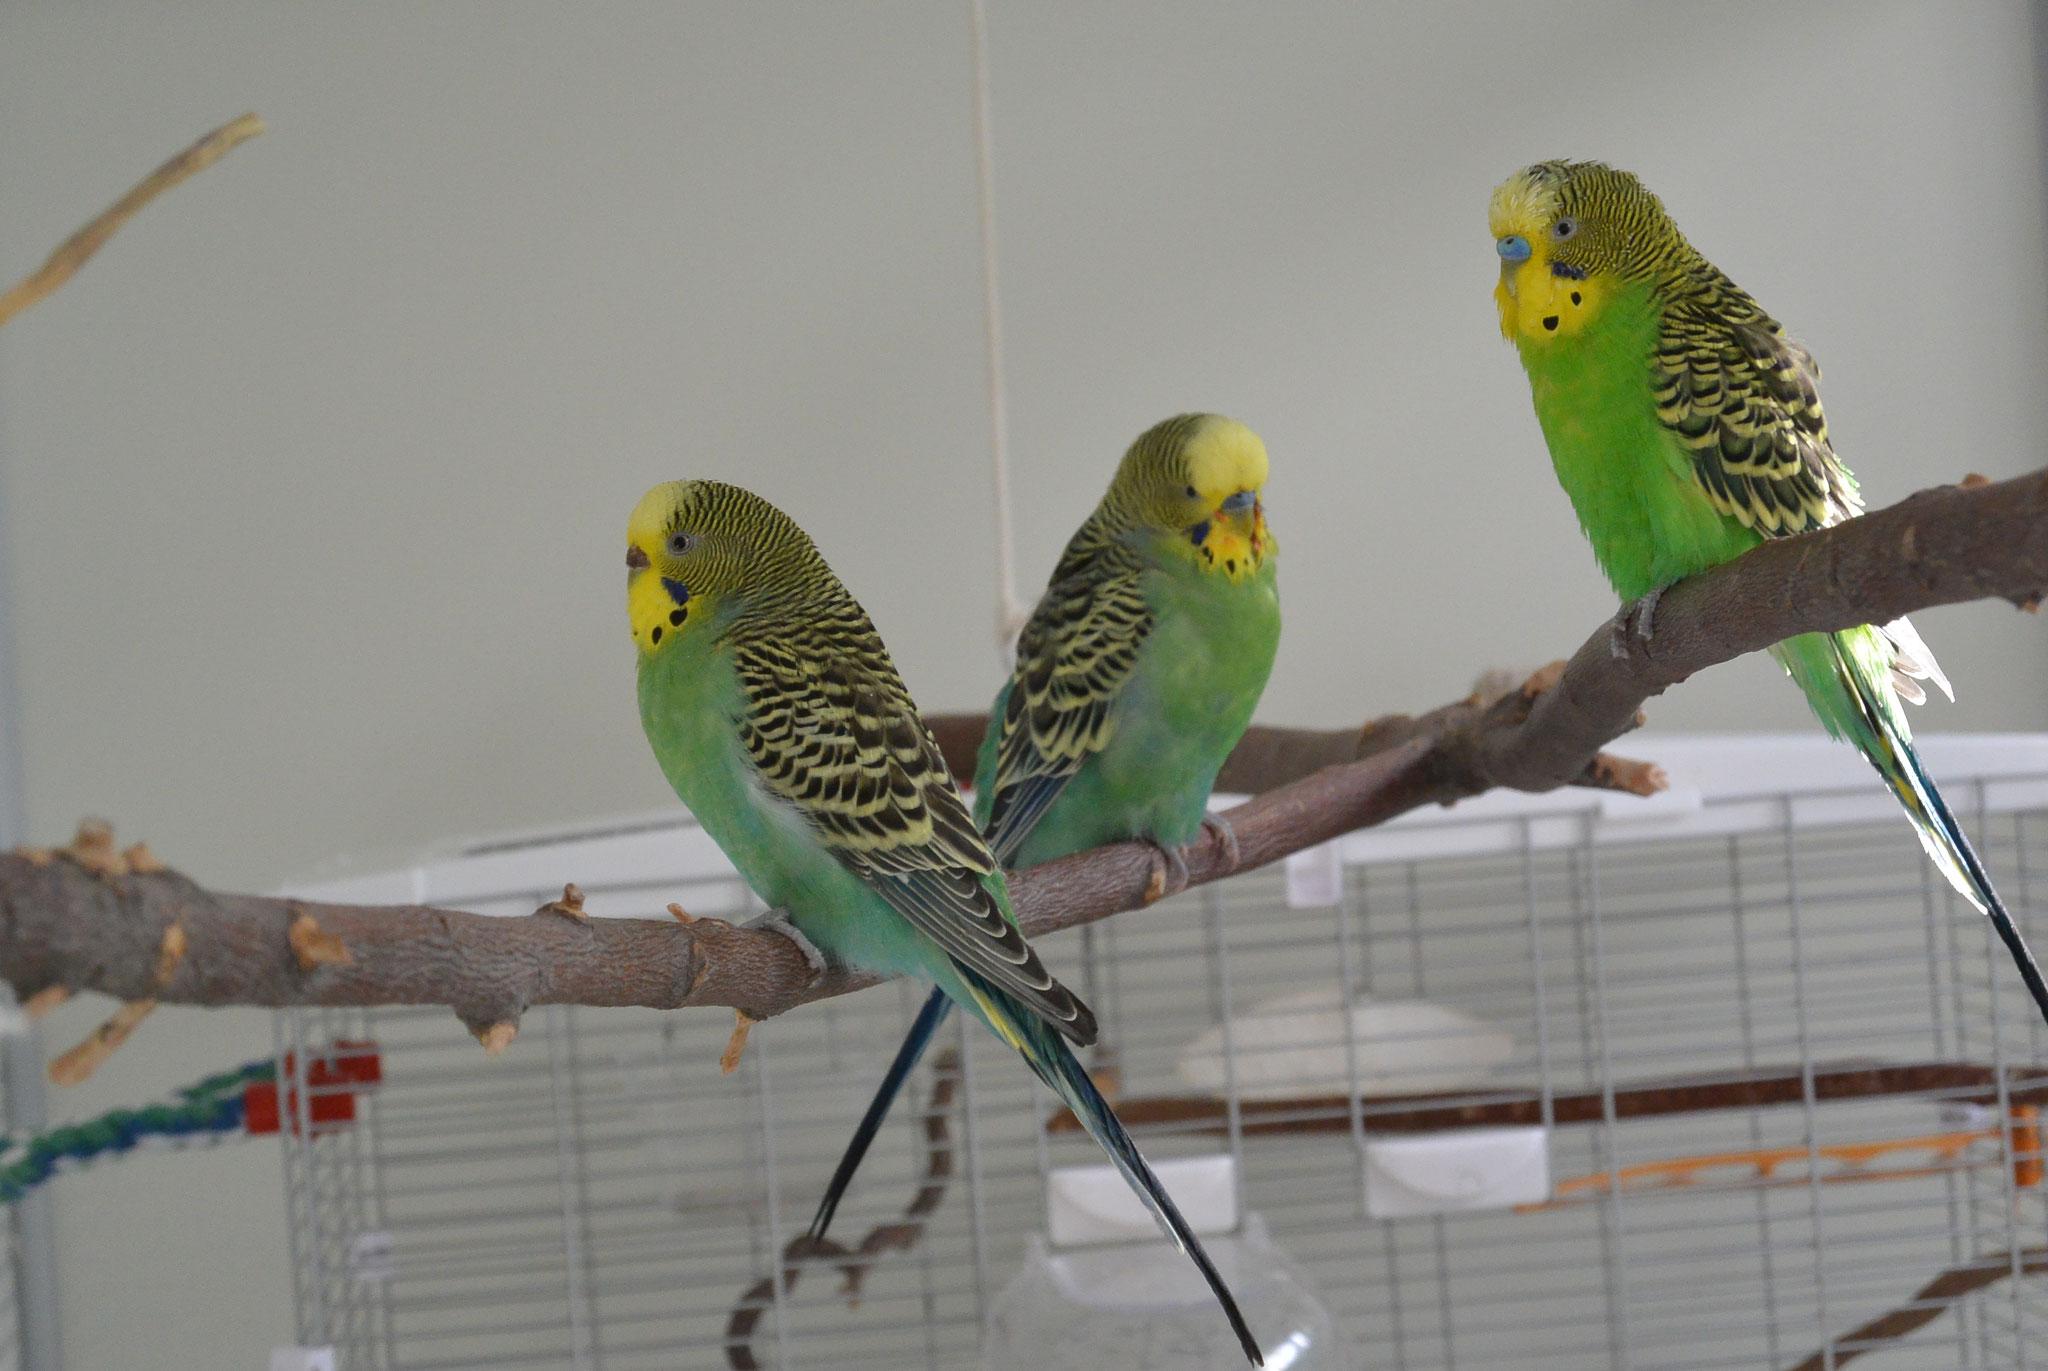 Spatzi, Mina & Ernie